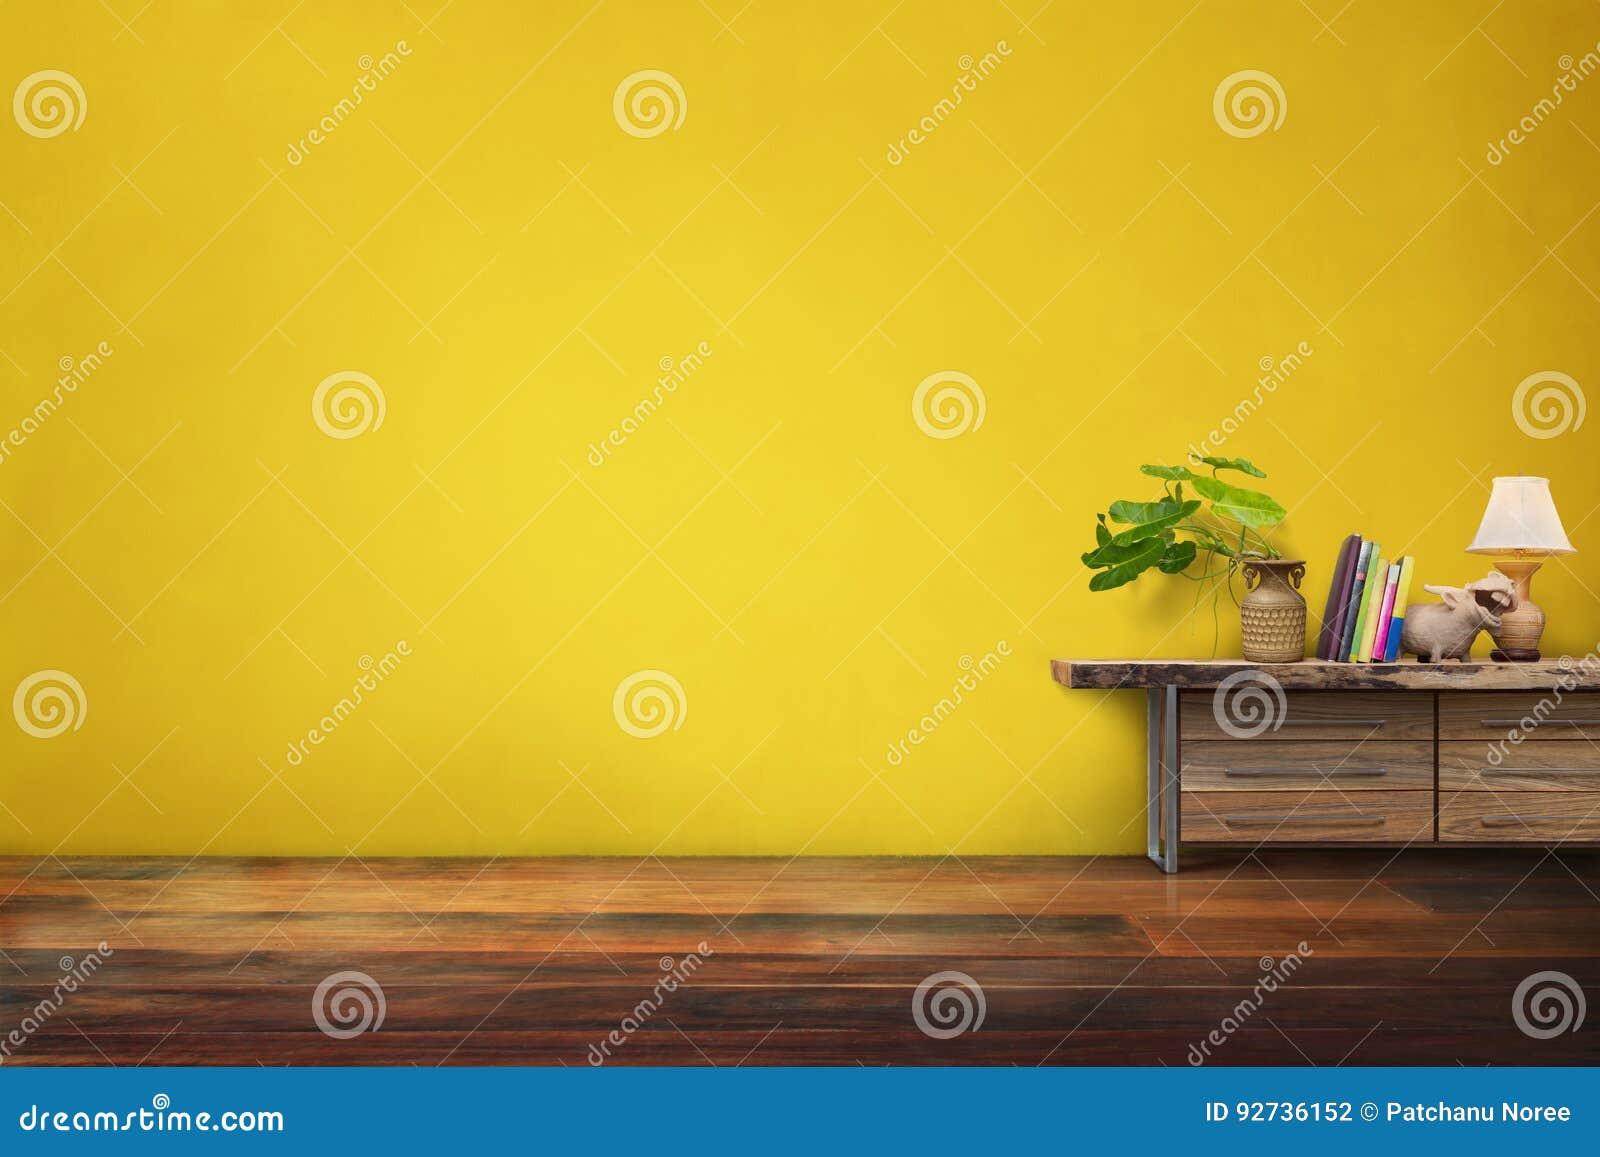 Βάζο αγγειοπλαστικής πράσινων εγκαταστάσεων στο συρτάρι ξύλινο στο κενό κίτρινο vinta